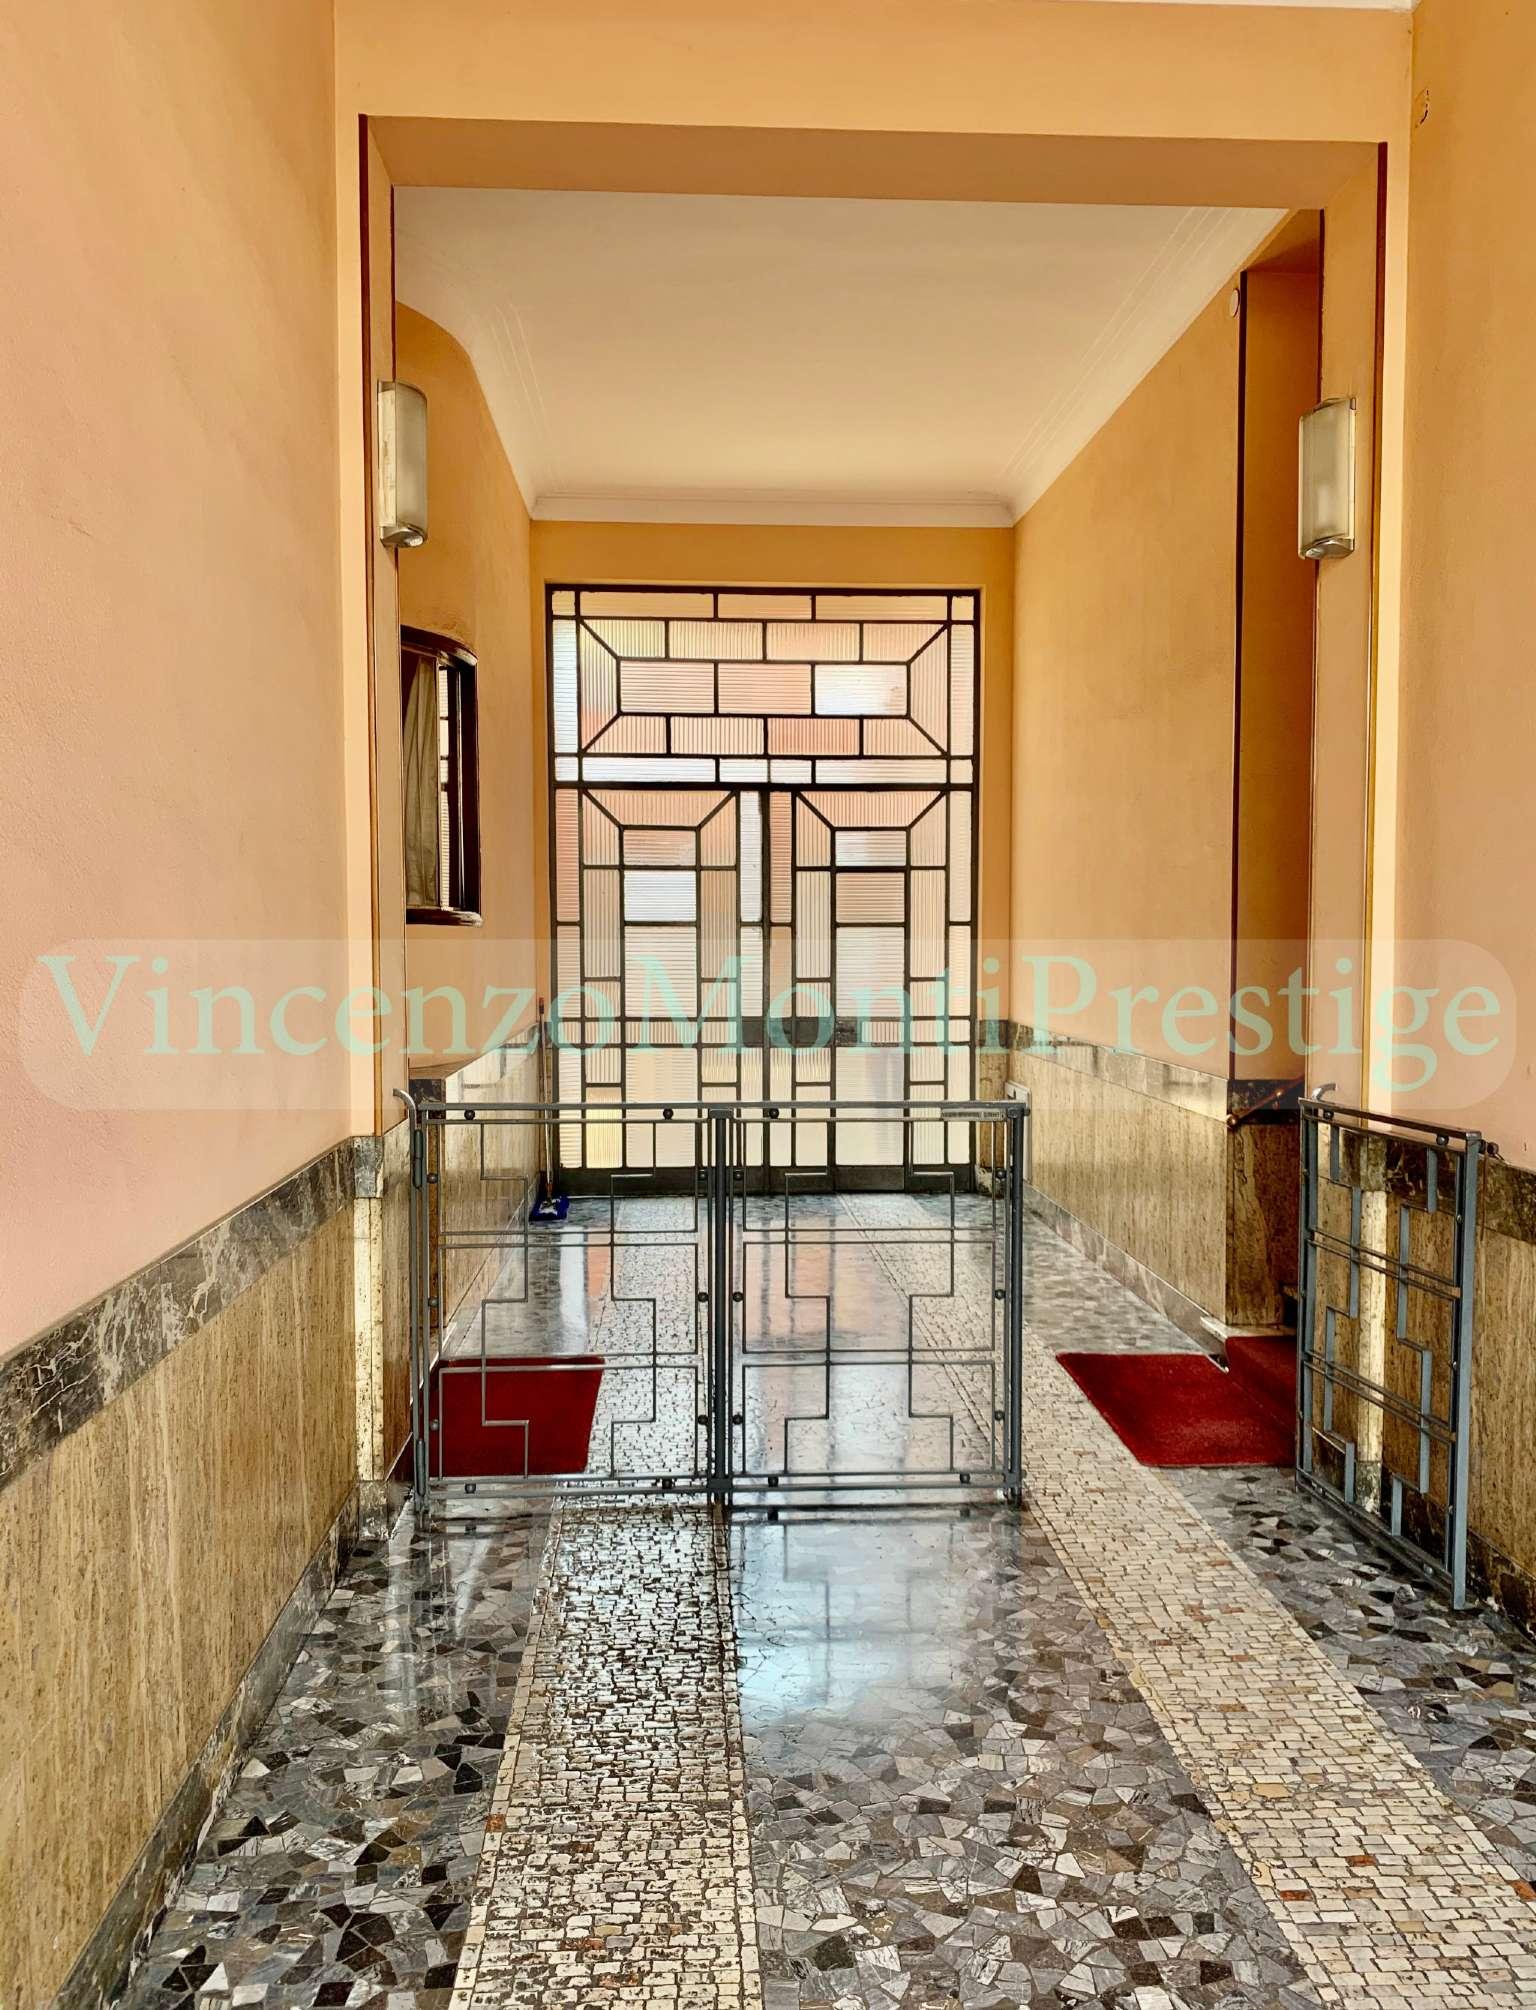 Milano Milano Vendita APPARTAMENTO , cerca casa affitto torino